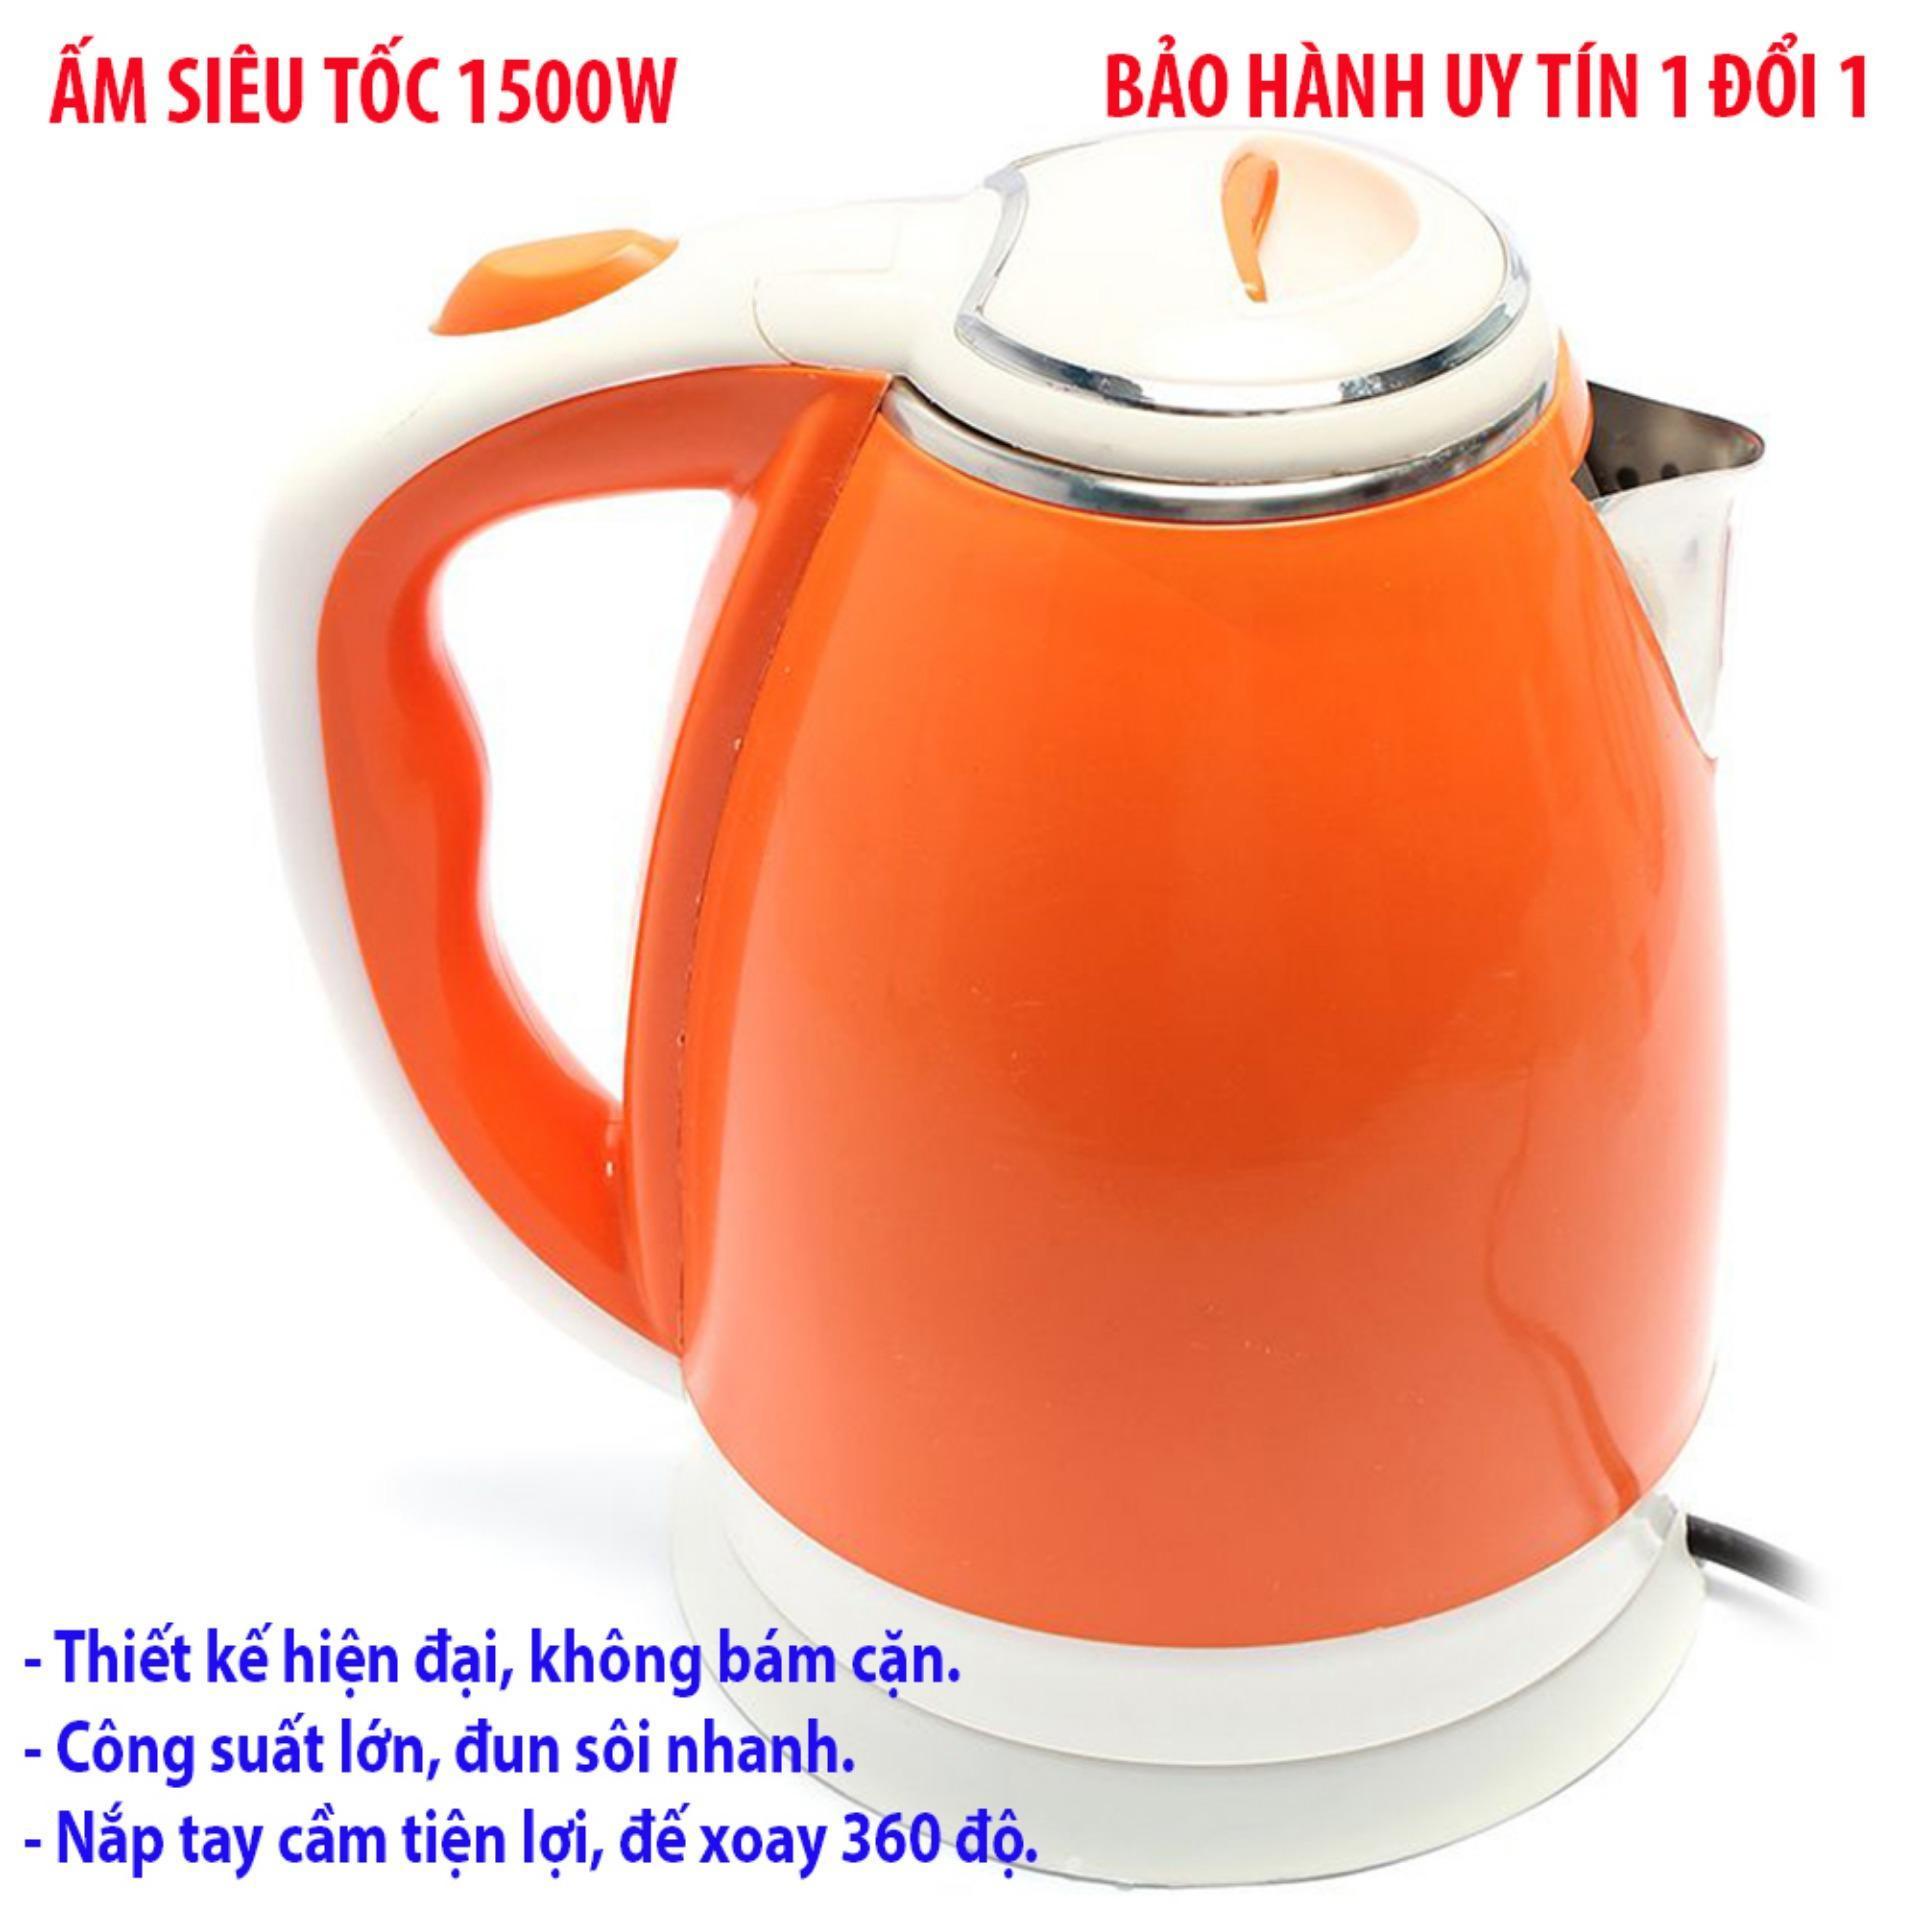 Hình ảnh Giá bình đun nước siêu tốc - Ấm đun nước siêu tốc mini Magic Korea Cao Cấp - Đang Khuyến mại 50% - BẢO HÀNH 1 ĐỔI 1